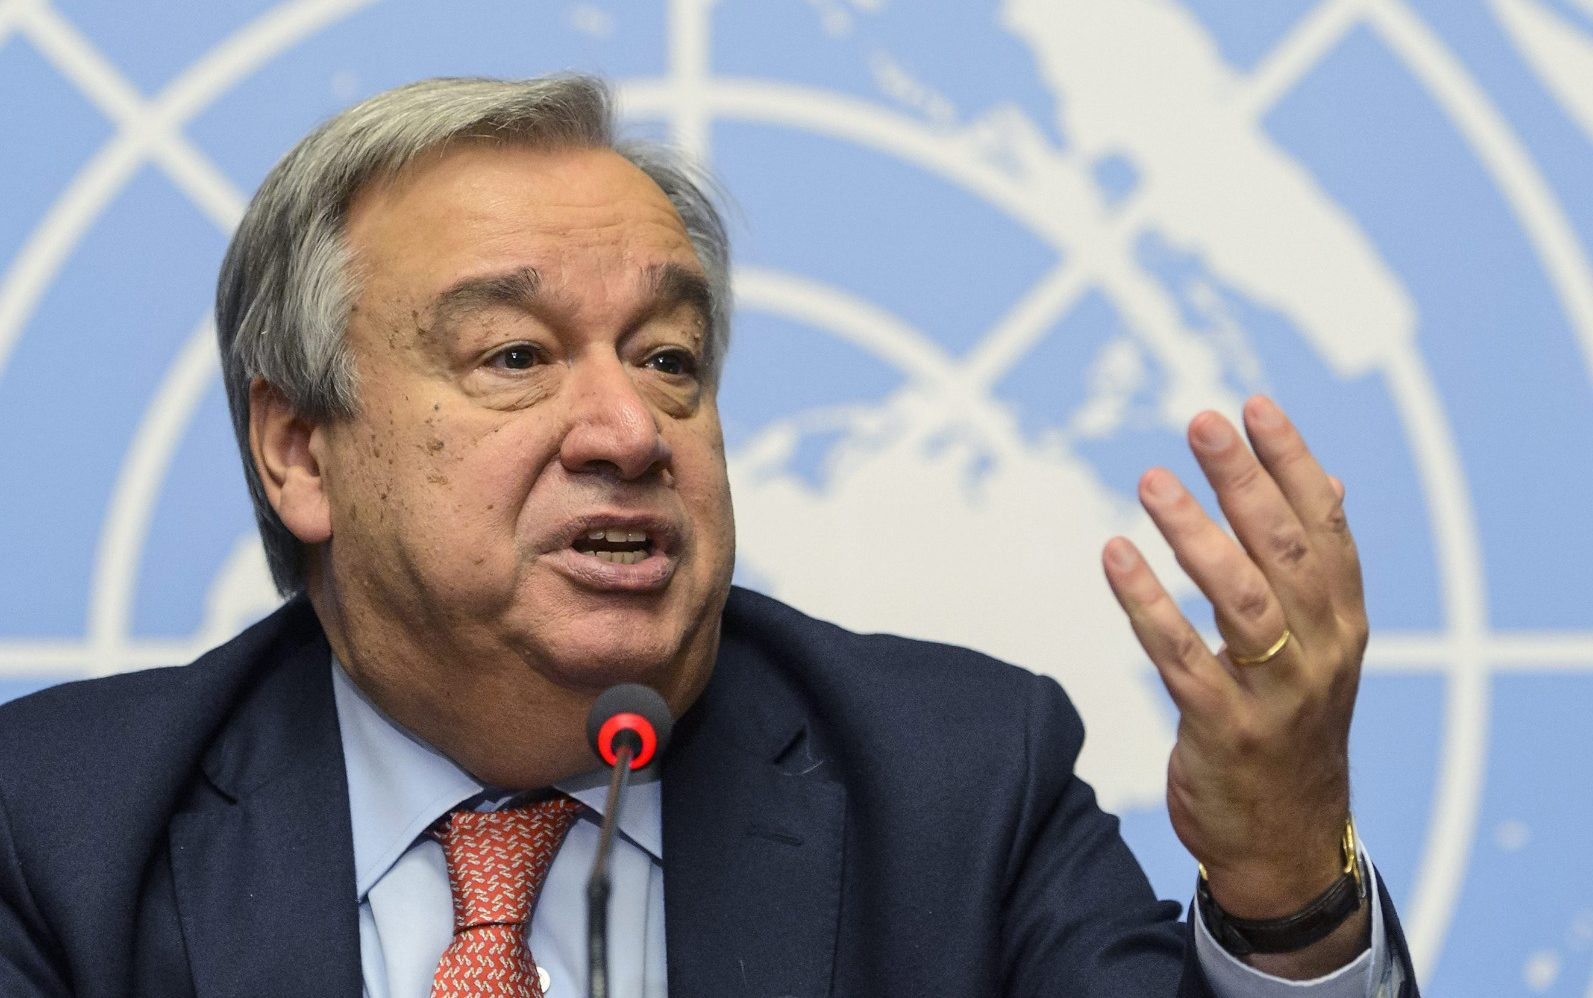 ООН не намерена принимать чью-либо сторону на переговорах по Венесуэле – Гутерриш